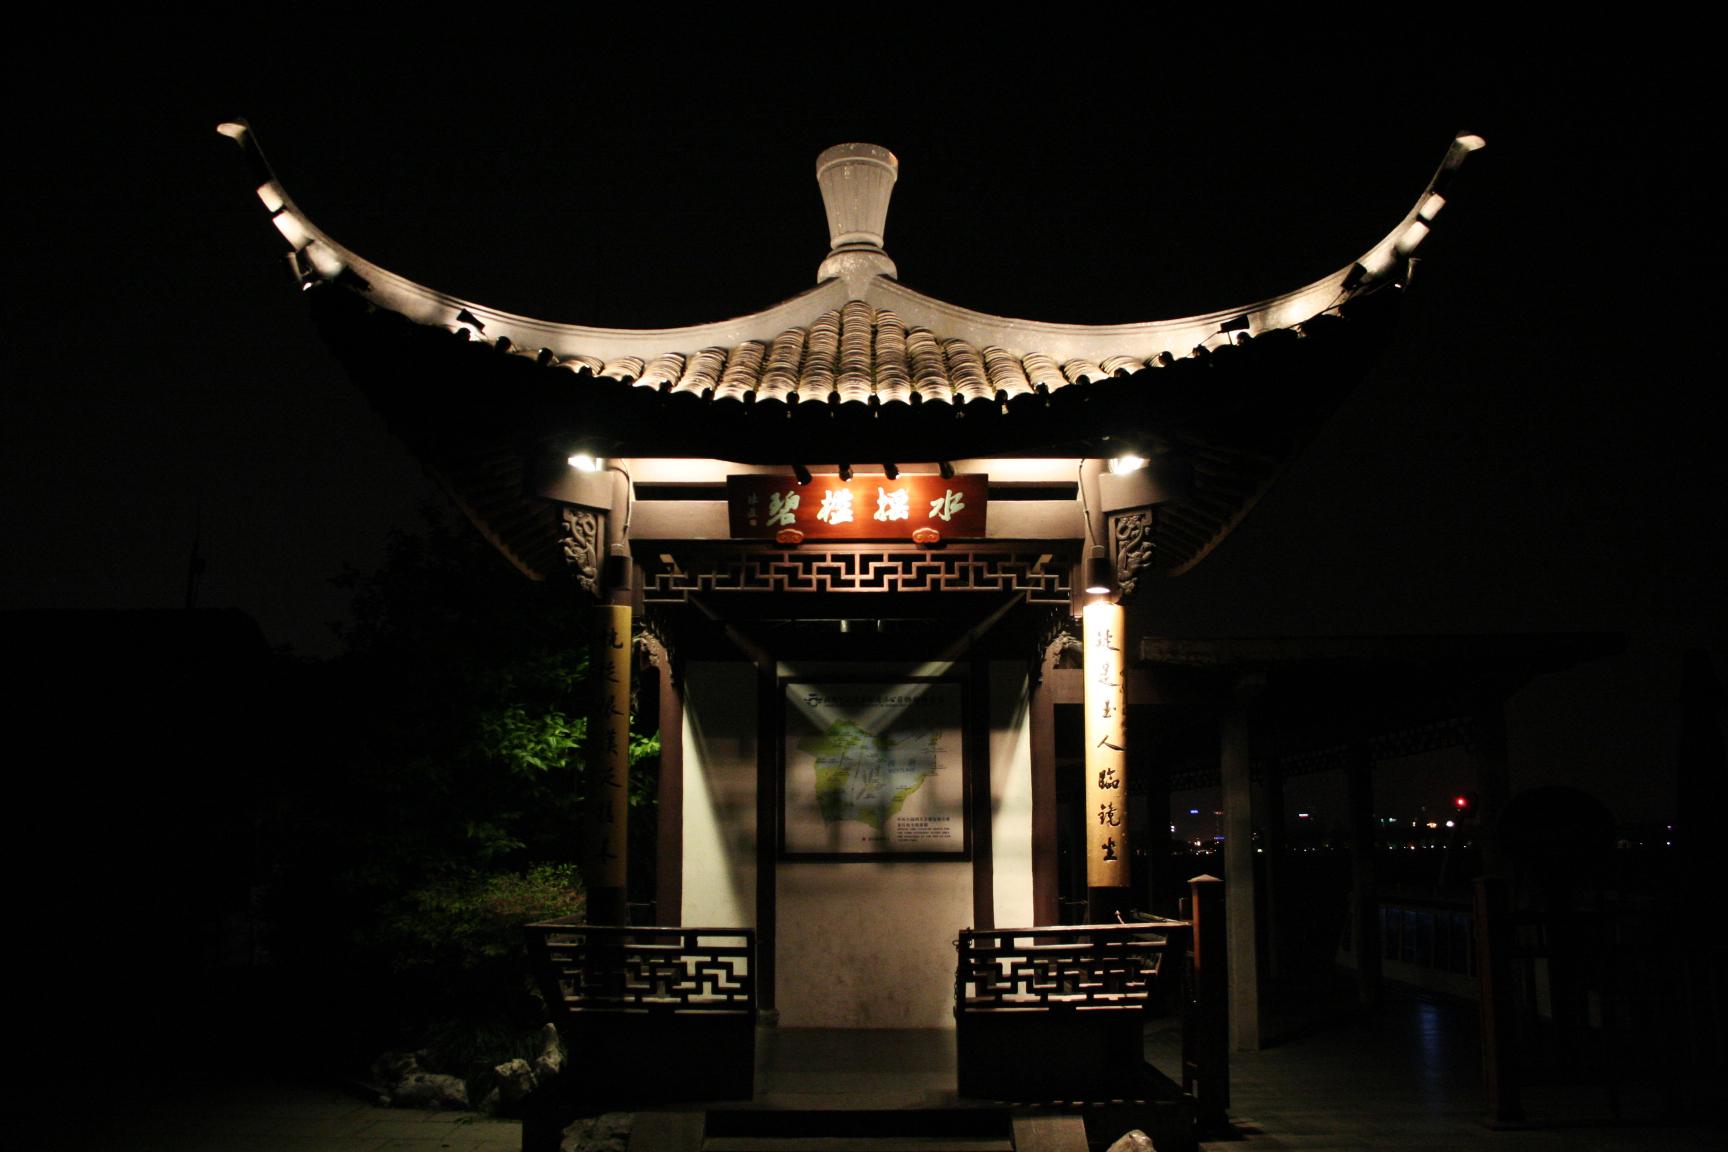 拍摄于杭州西湖湖心亭小岛上,拍摄对象为该岛上的一处古建筑照明,拍摄时间为2007年4月13日晚,该建筑屋顶造型优美,有着非常流畅和飞扬的曲线,通过照明的处理,使其夜景效果额外突出了建筑屋面的特点和美感。